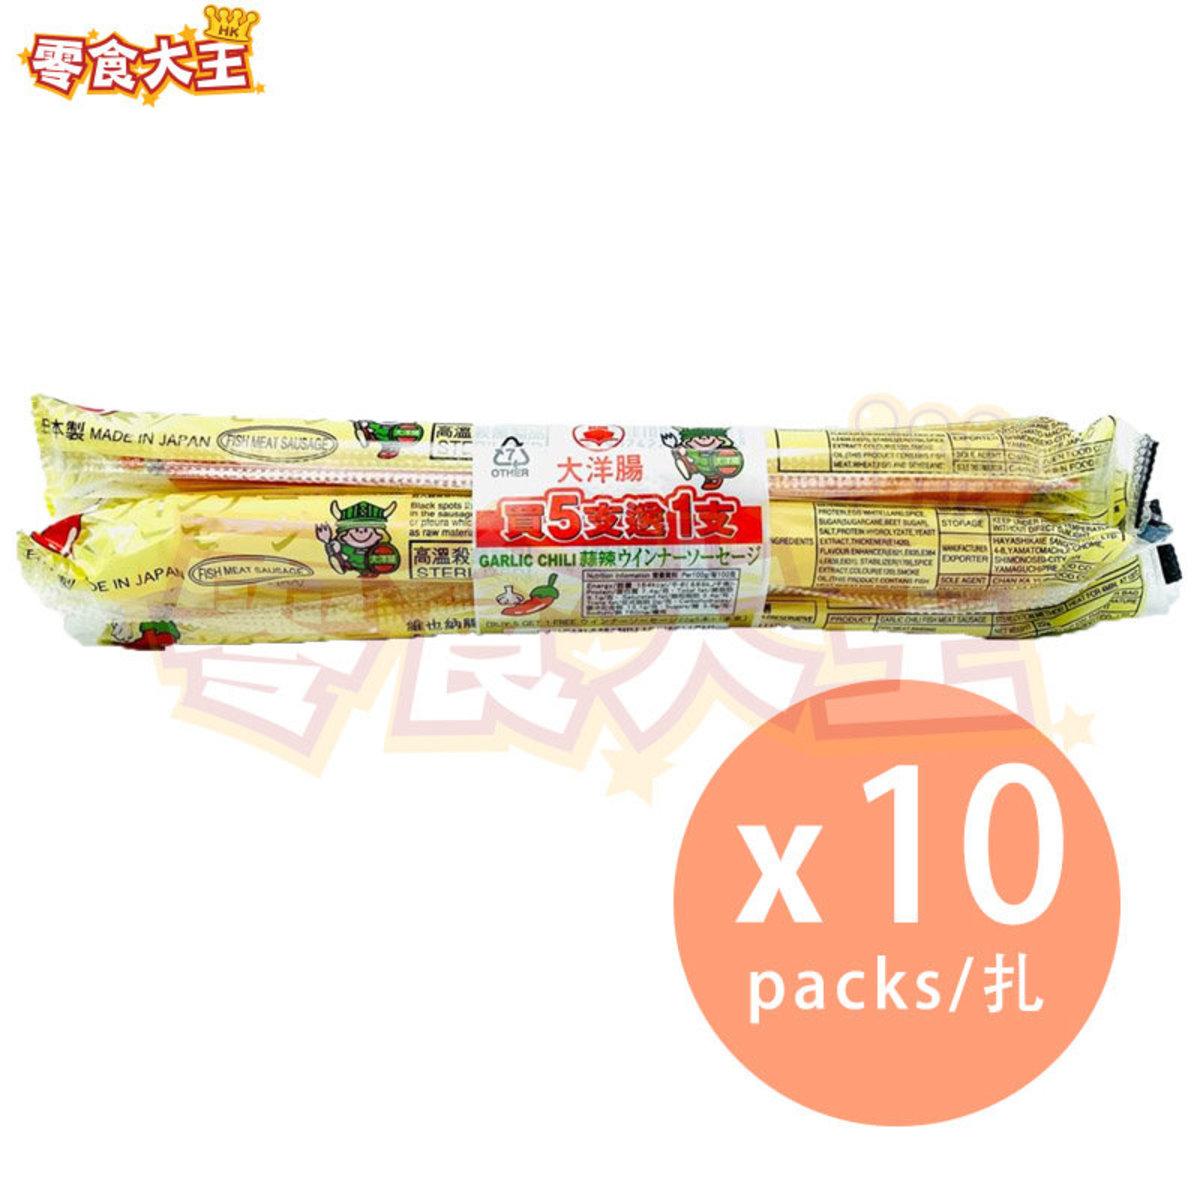 日本大洋腸蒜辣味 6條(5條送1條)裝 132g x 10包 (4902422859579_10)